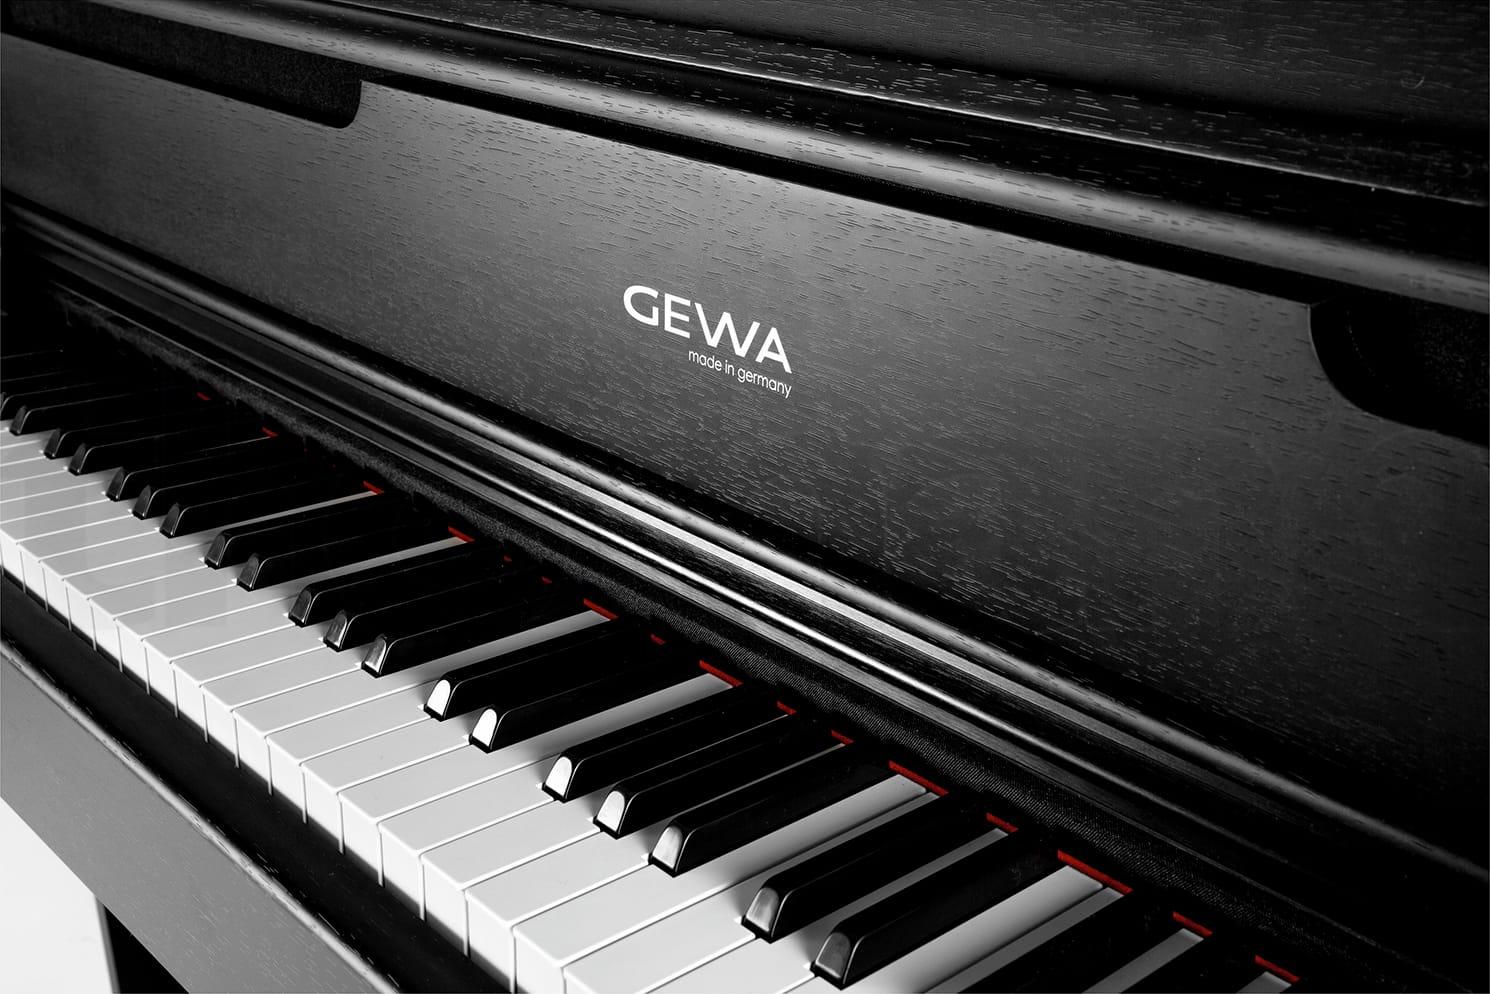 nuevos pianos digitales gewa